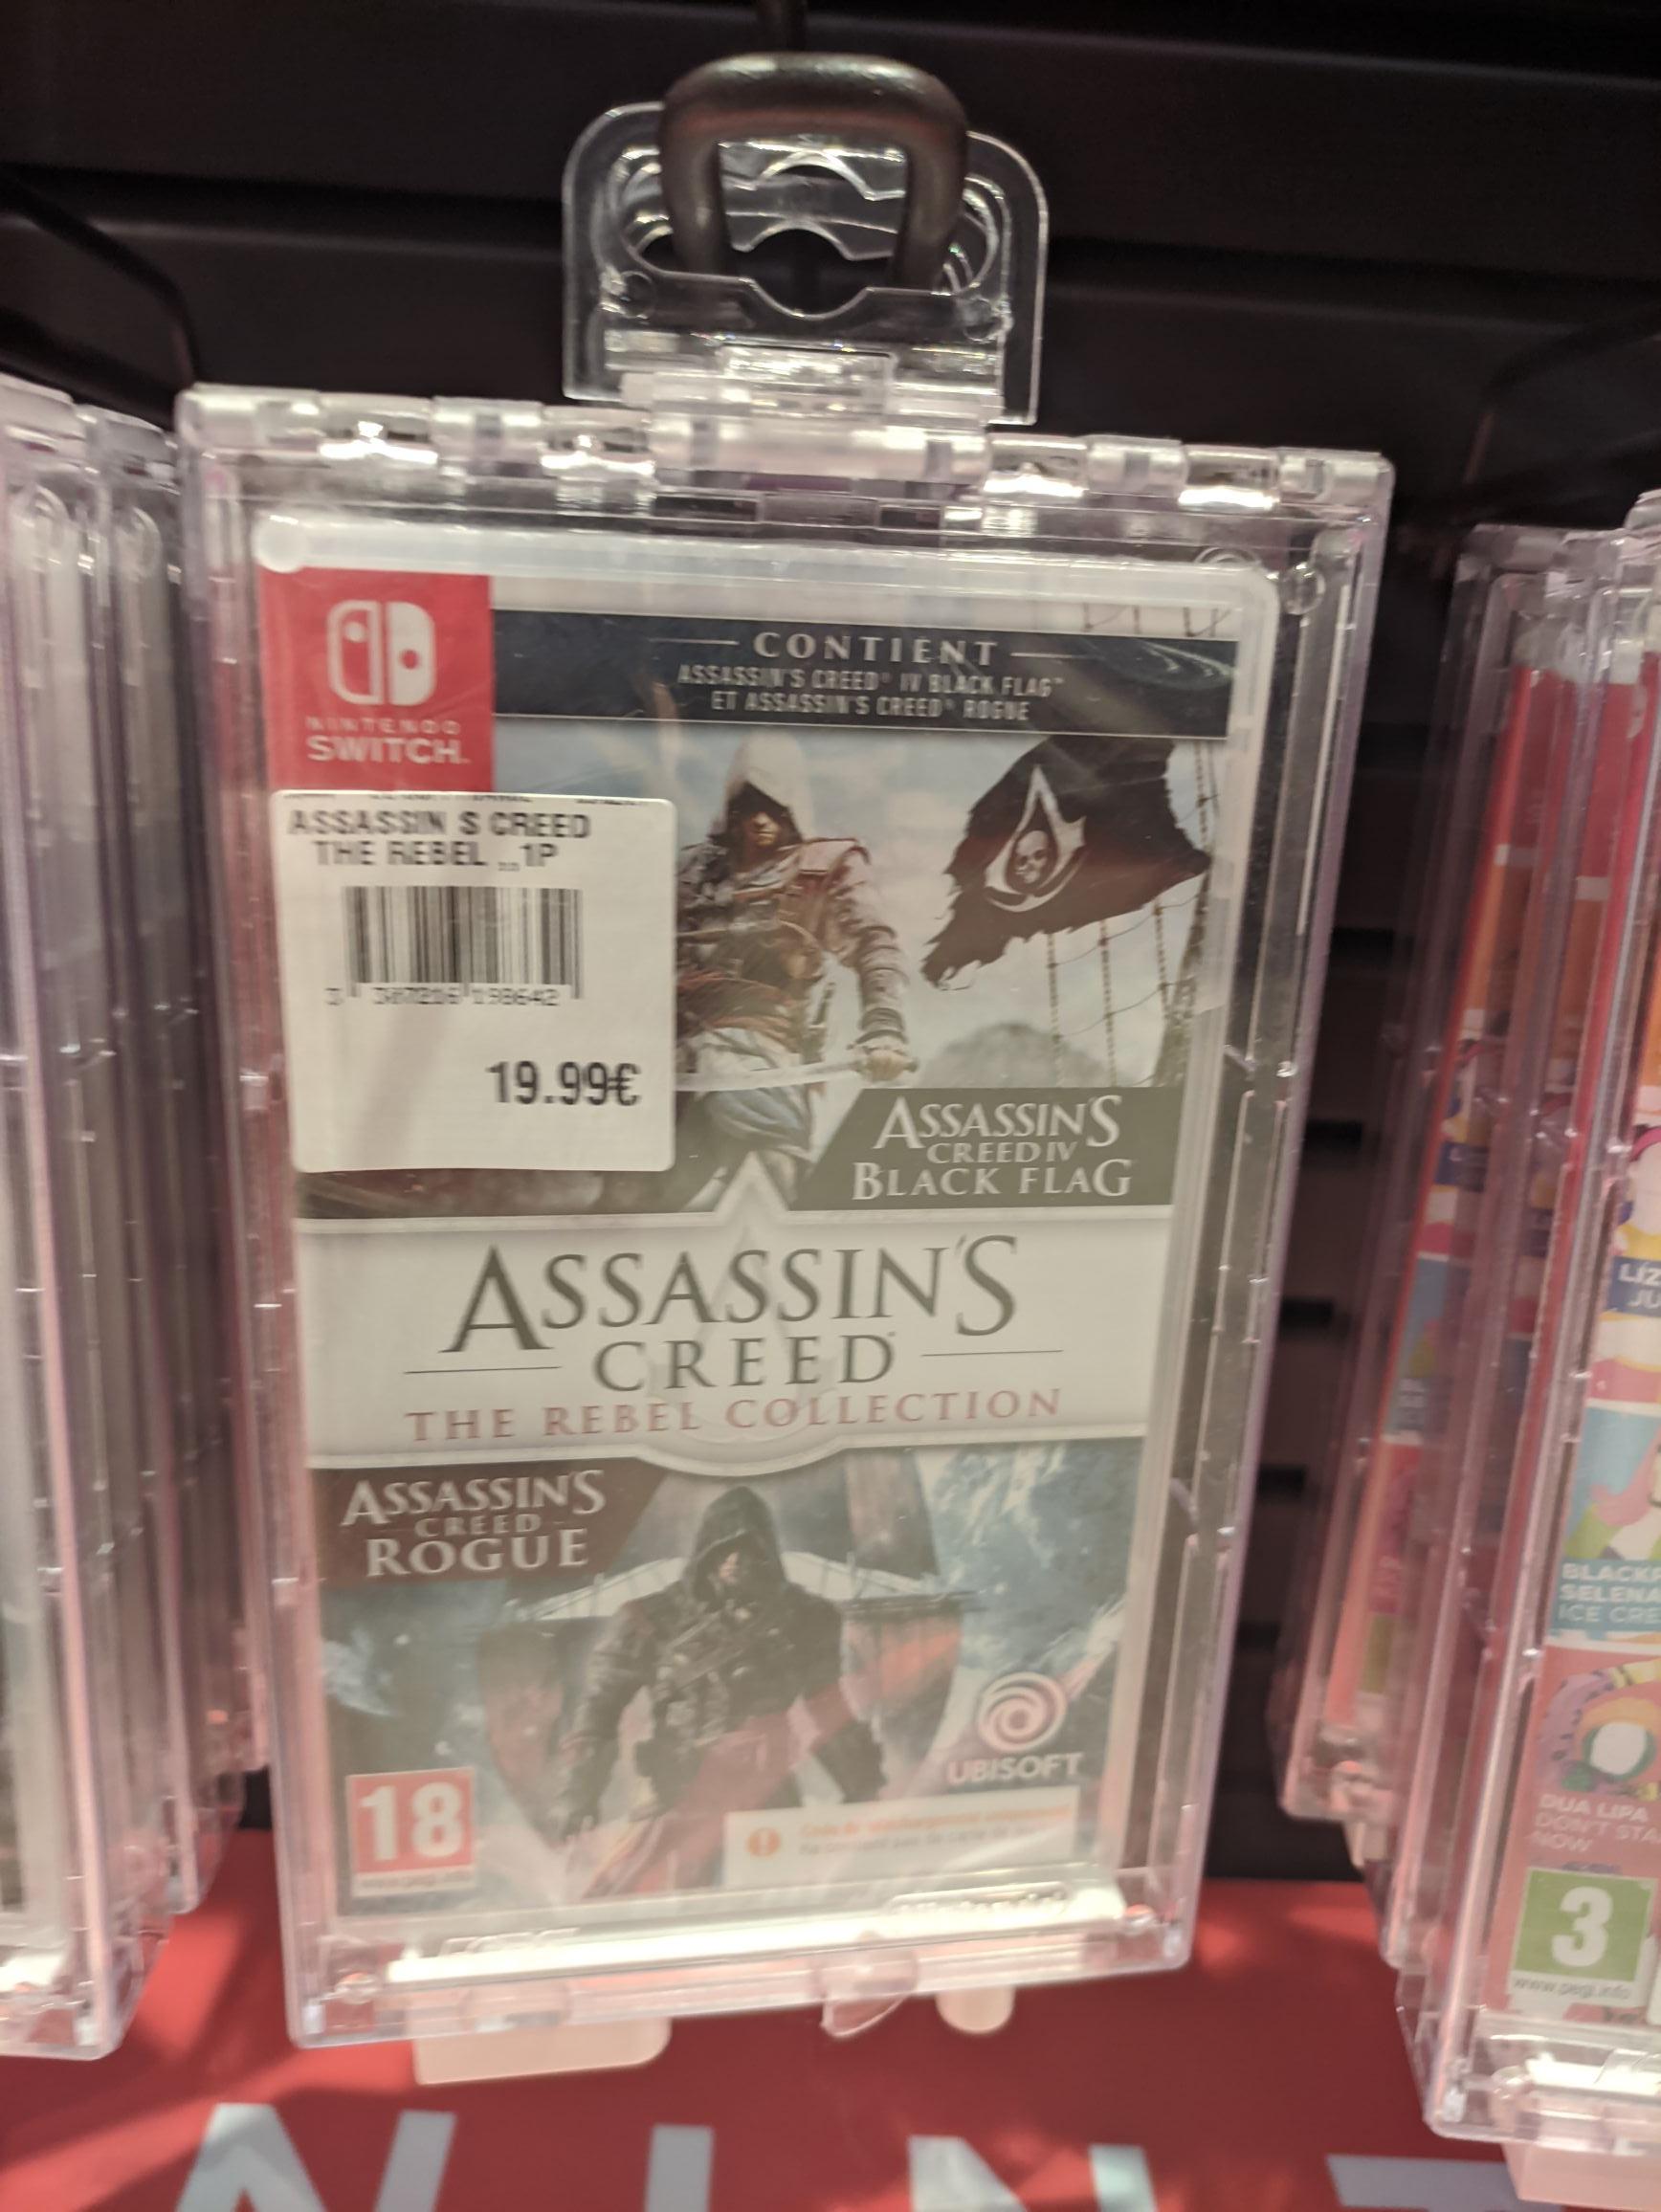 Sélection de jeux en promotion - Ex : Assassin's Creed : The Rebel Collection sur Nintendo Switch - Chécy (45)